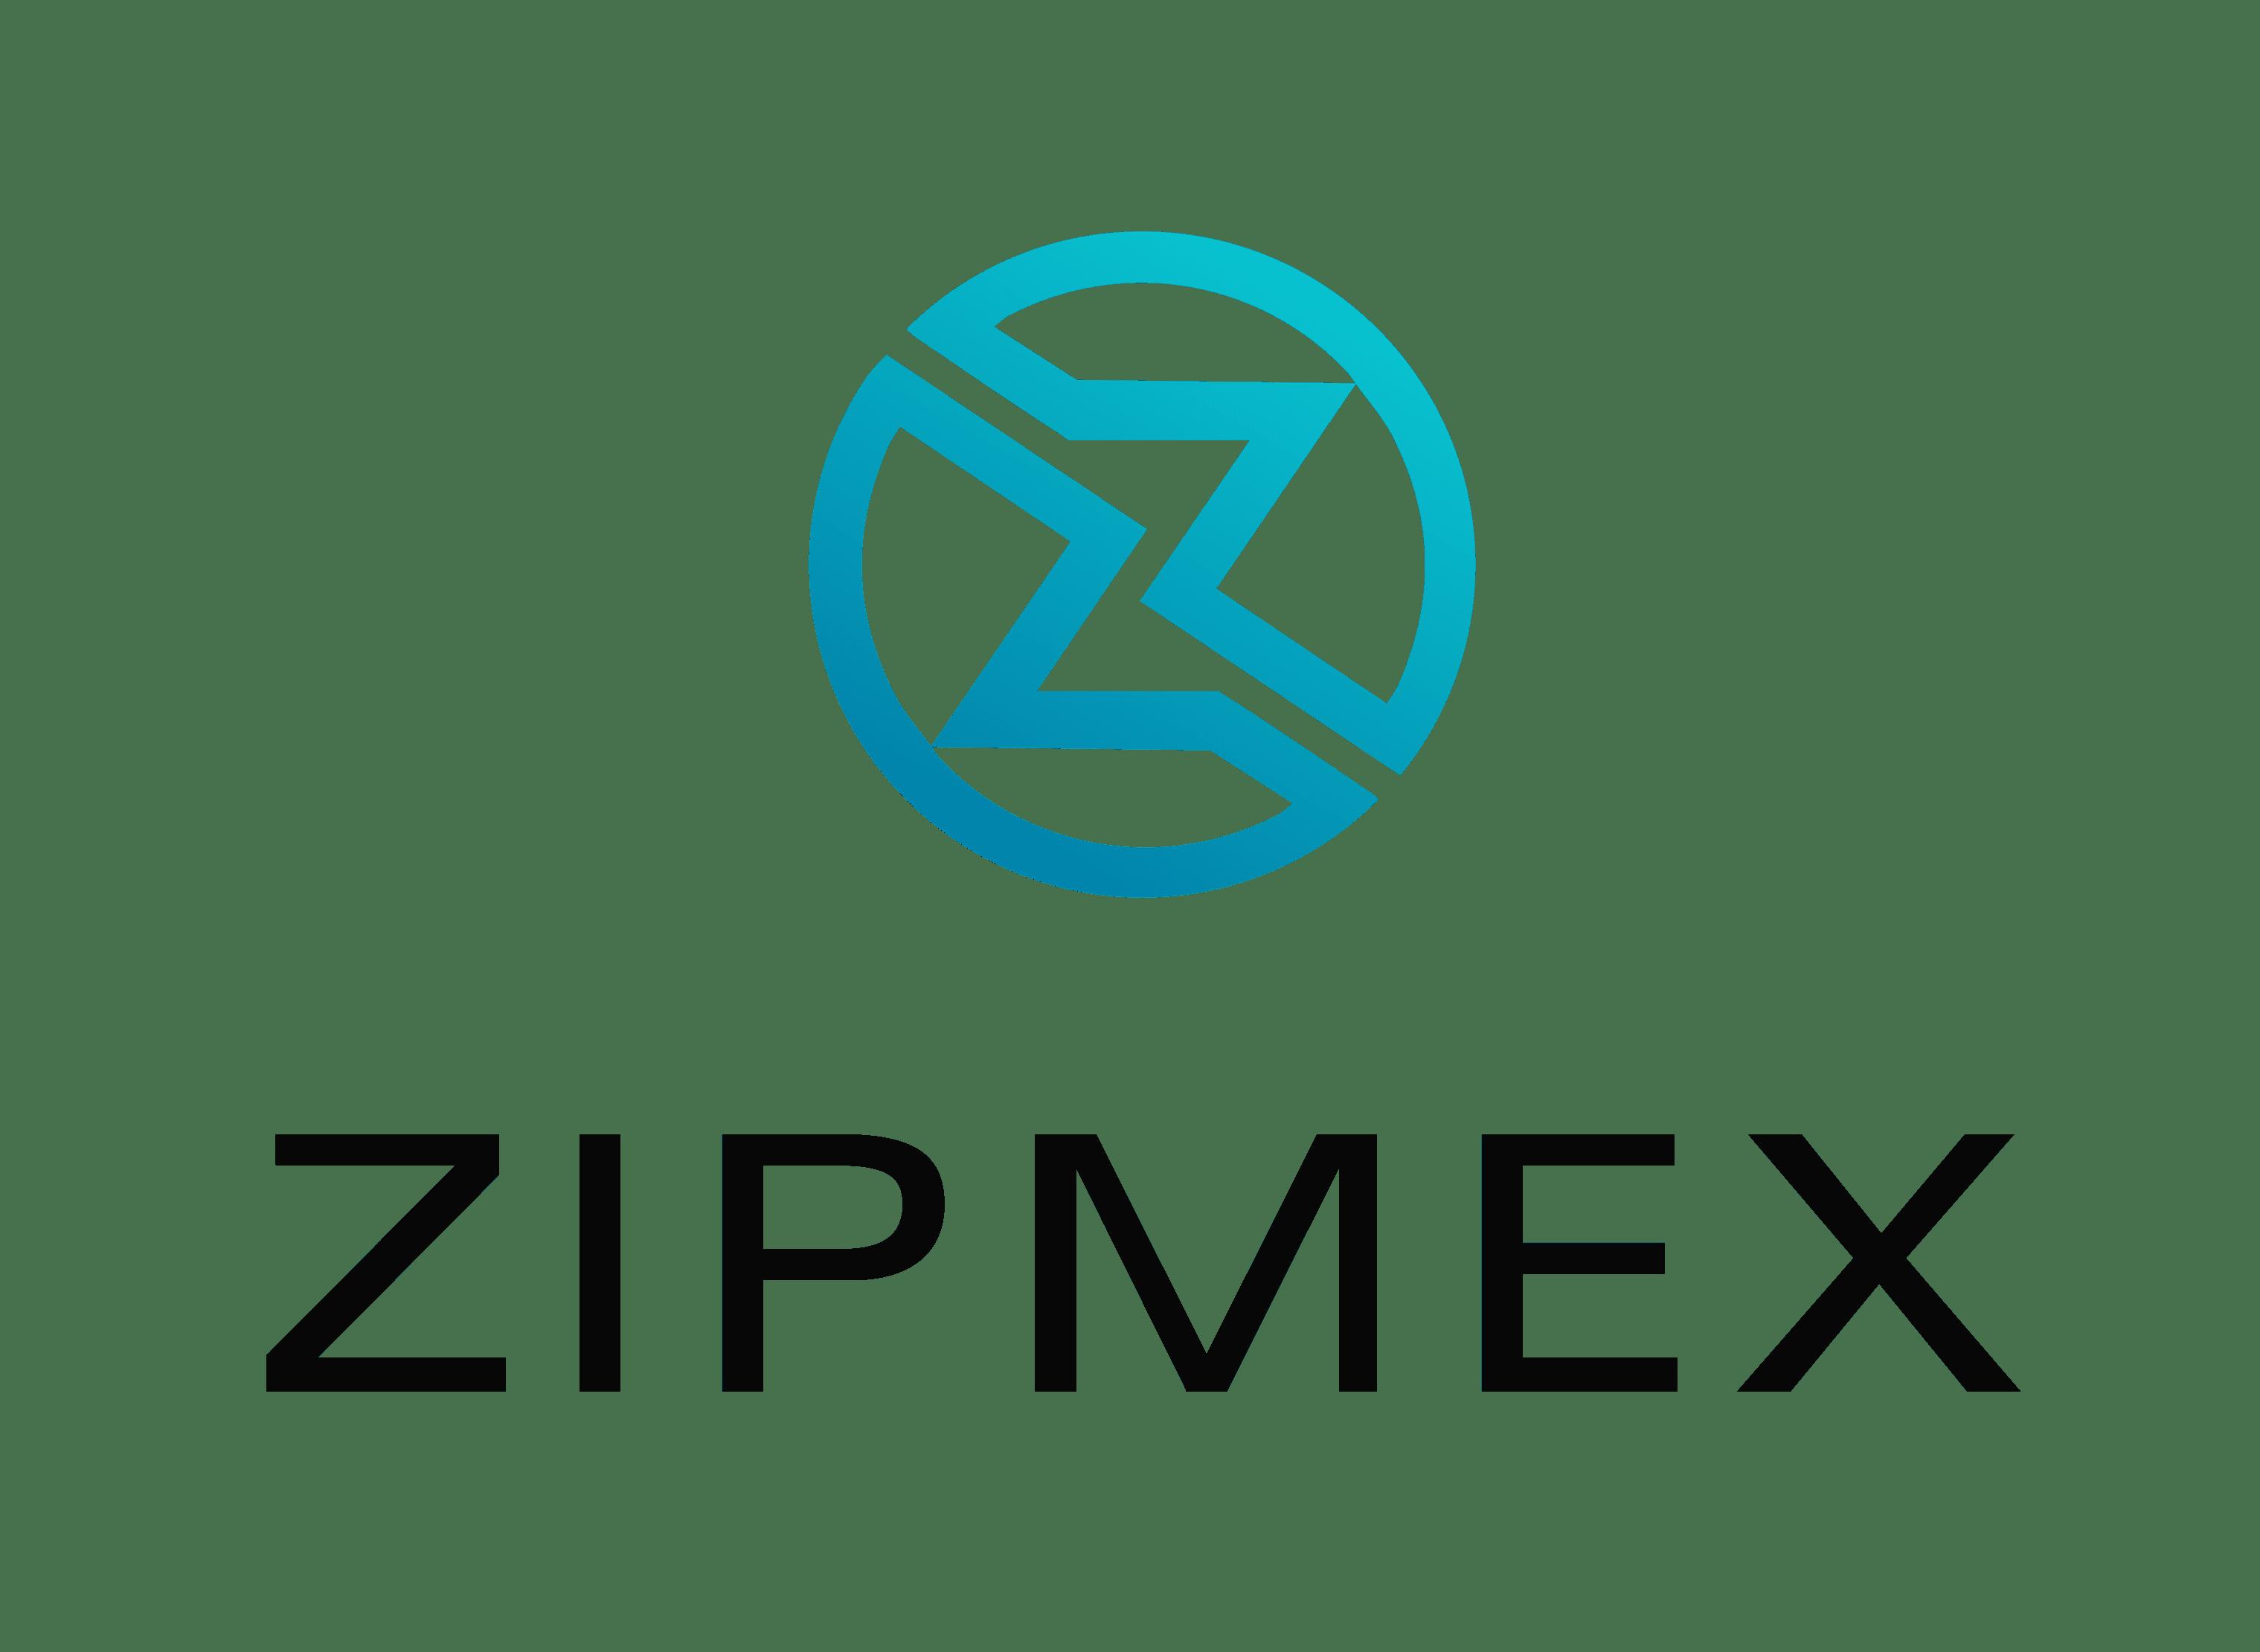 Zipmex icon